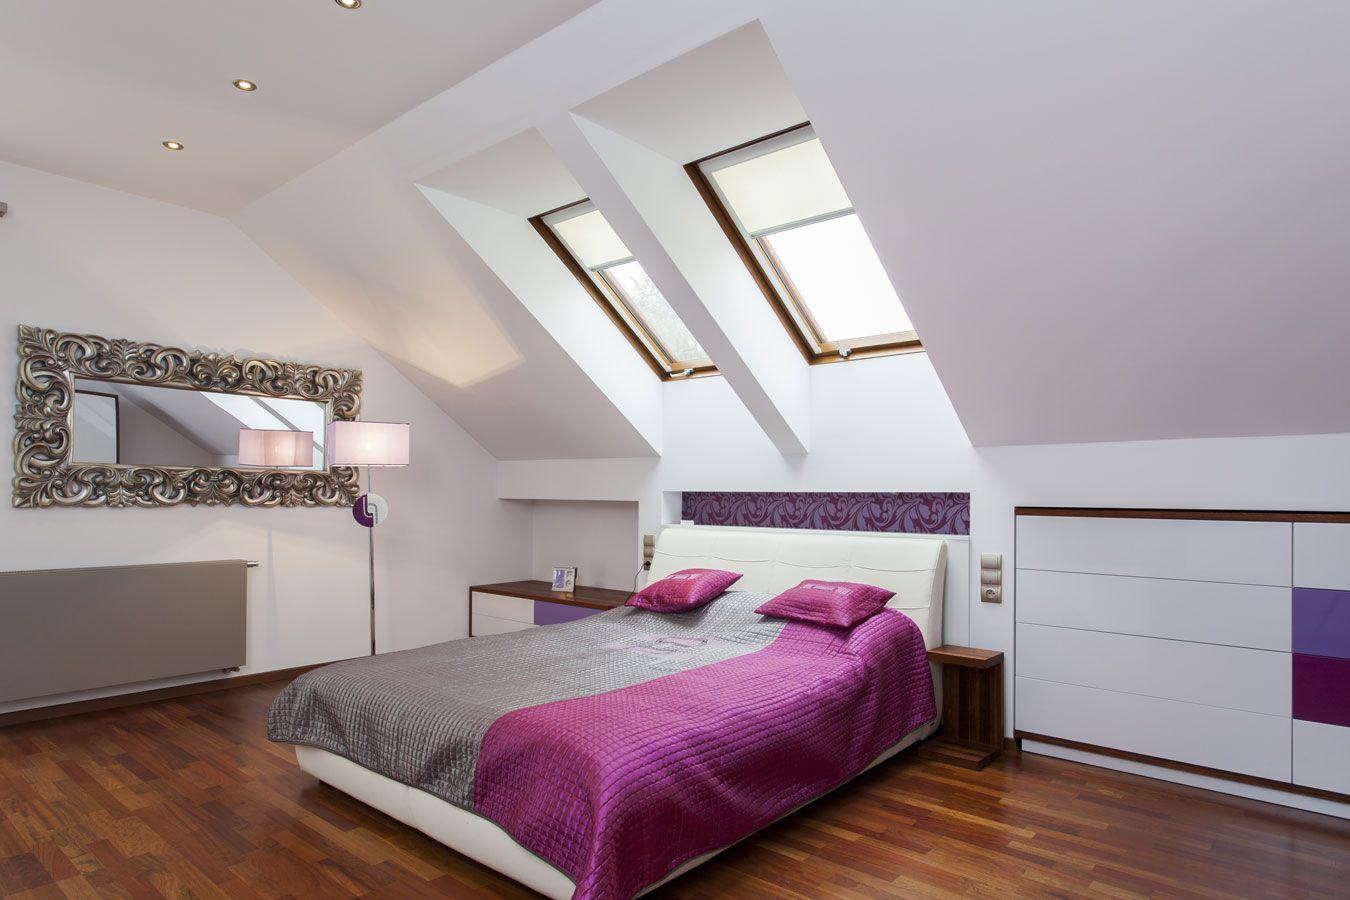 Inbouwkasten slaapkamer op zolder obývák loft